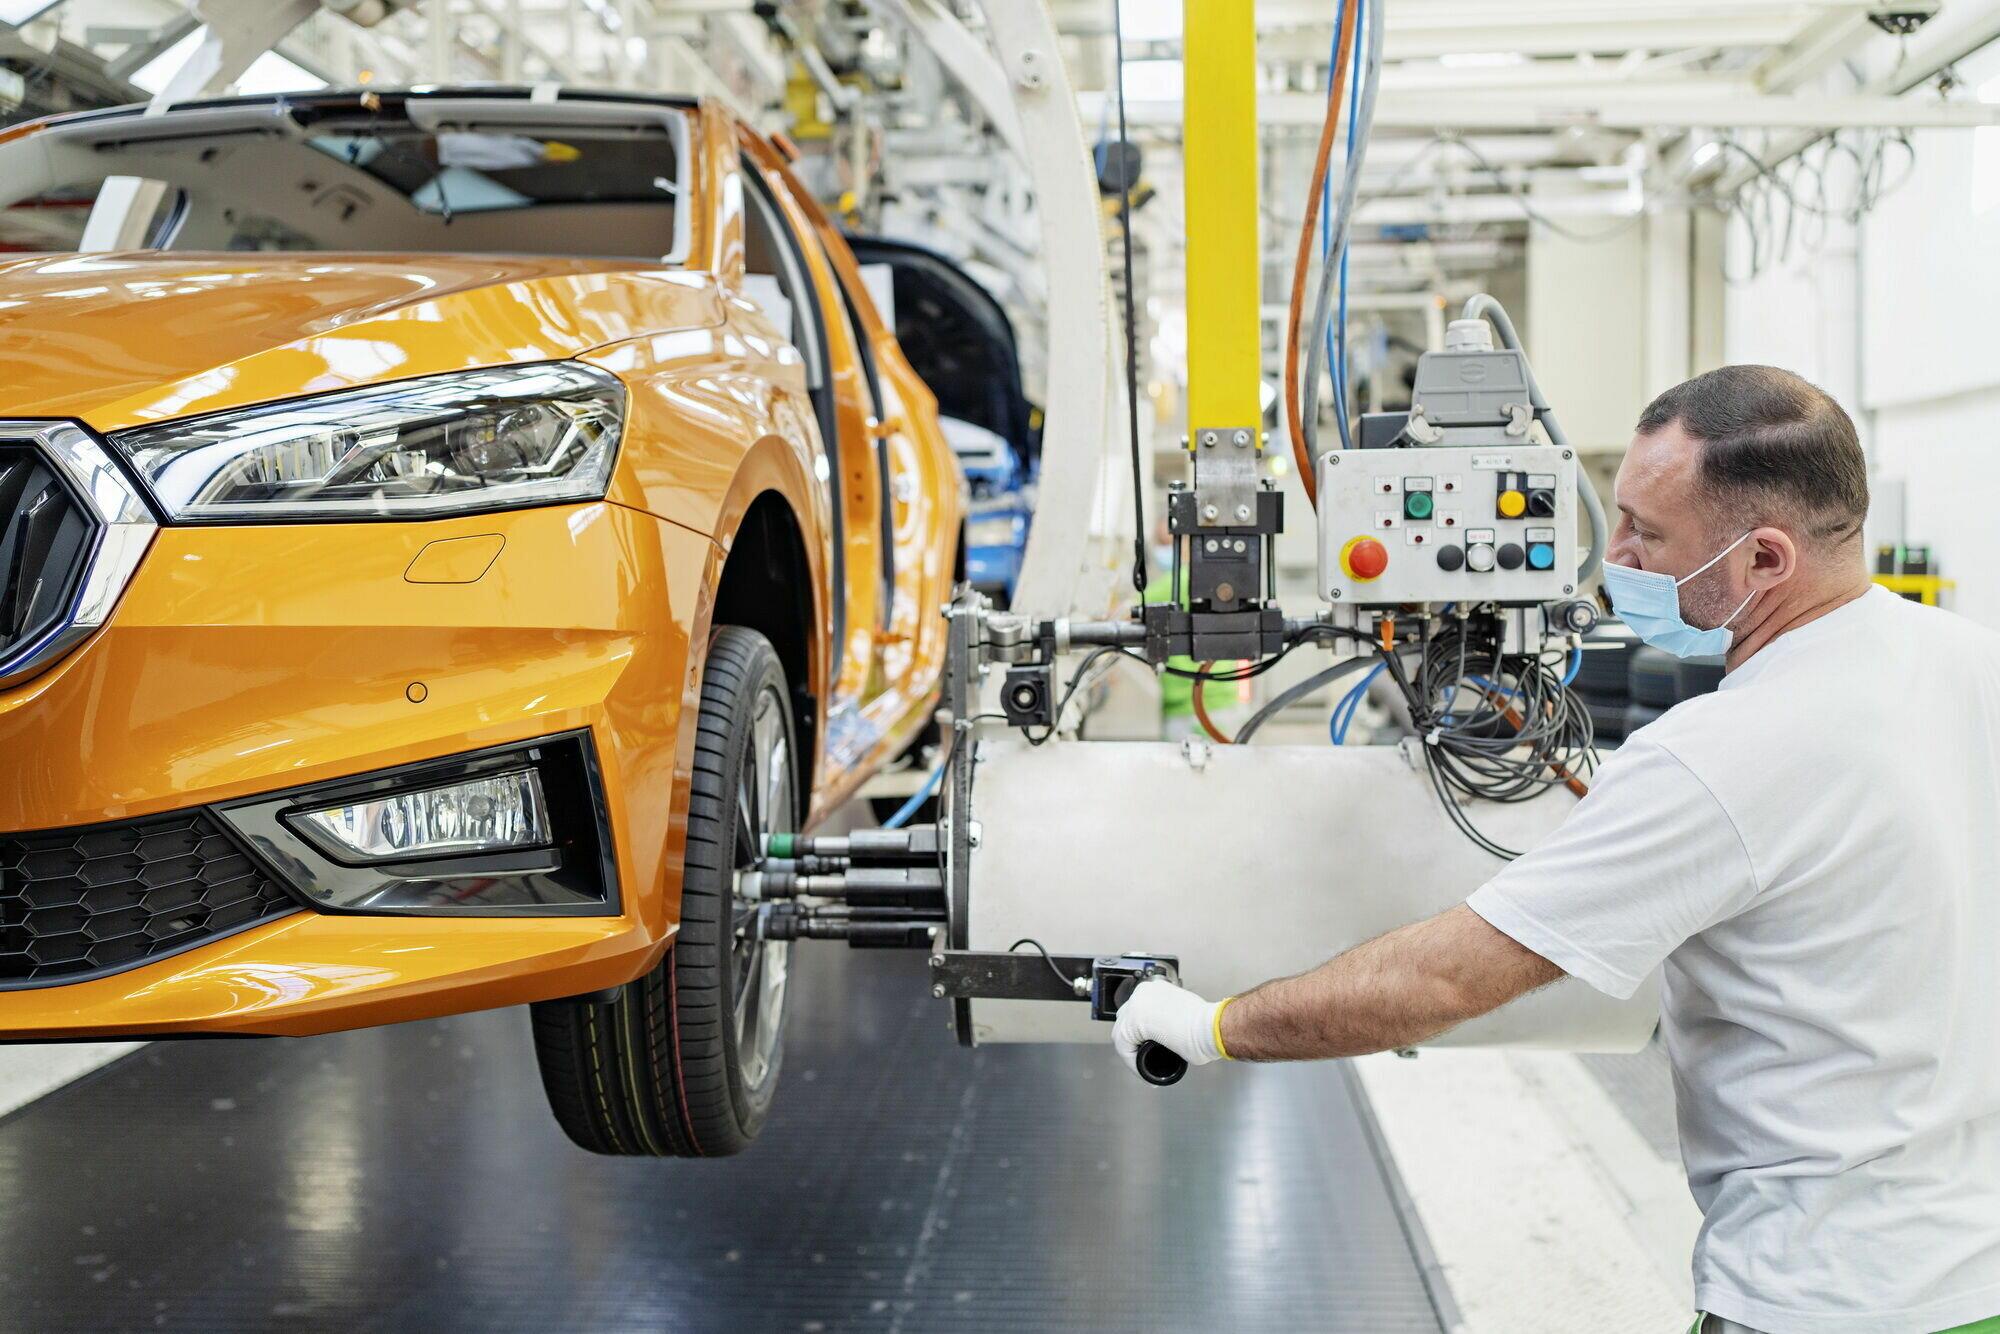 Компания инвестировала в модернизацию производства и автоматизацию процессов 110 млн евро